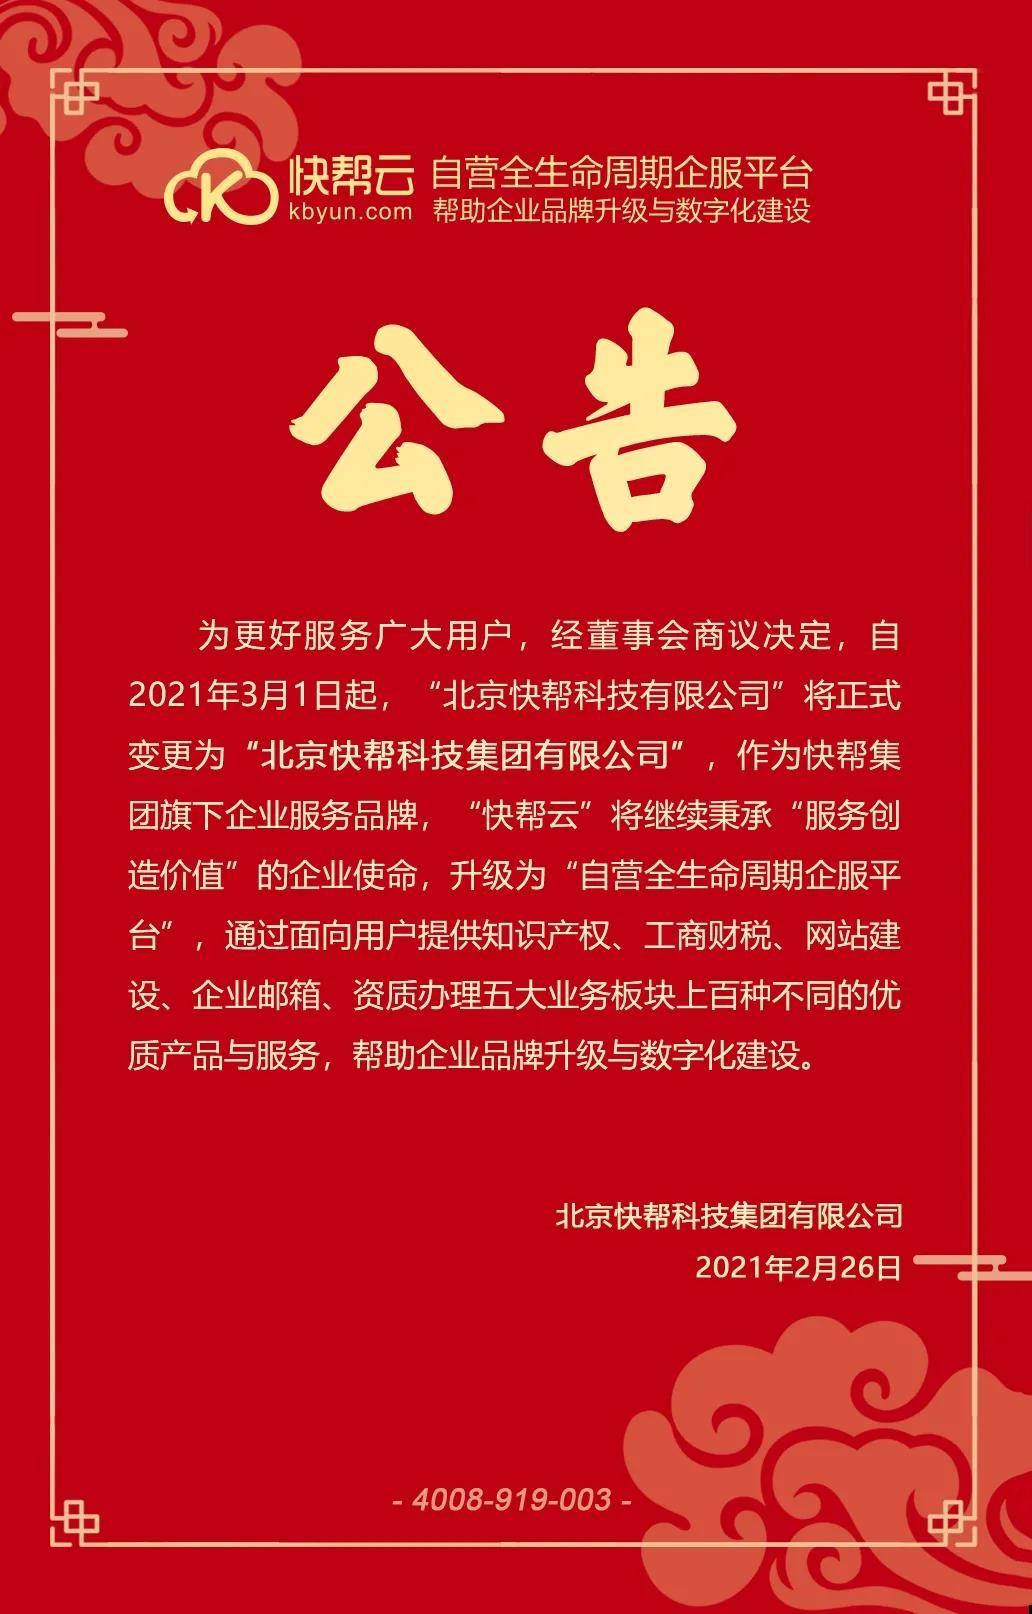 """""""北京快帮科技有限公司""""正式变更为""""北京快帮科技集团有限公司"""""""